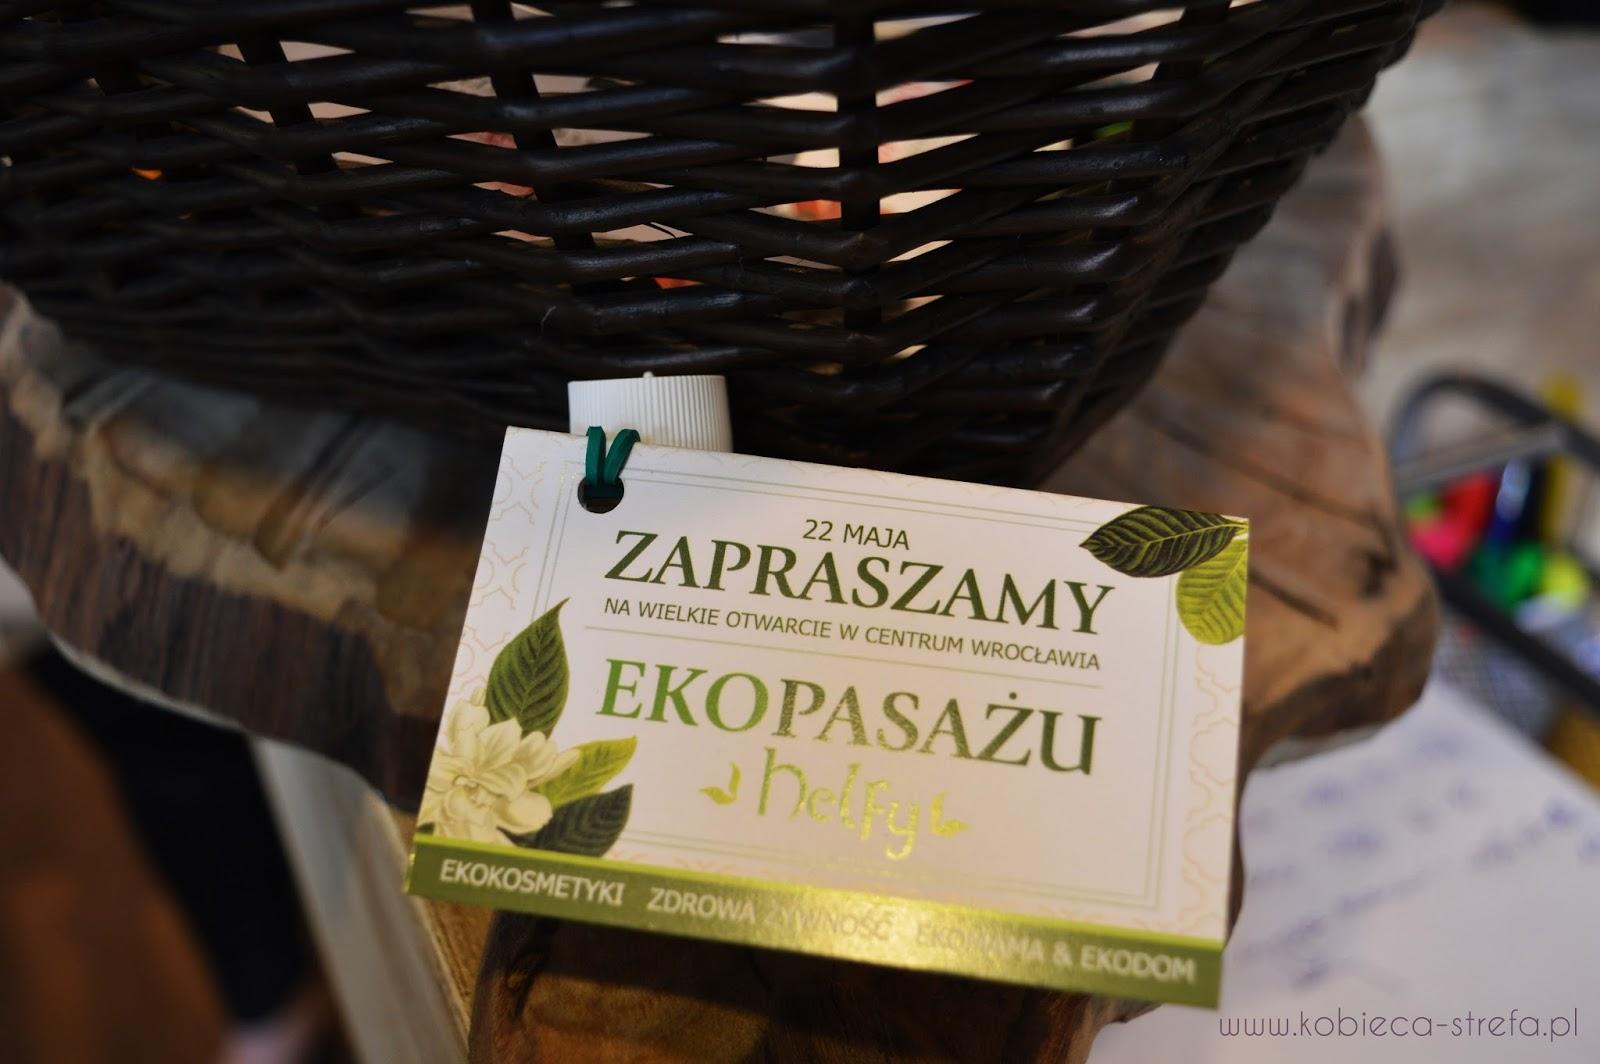 Otwarcie nowego Ekopasażu HELFY we Wrocławiu